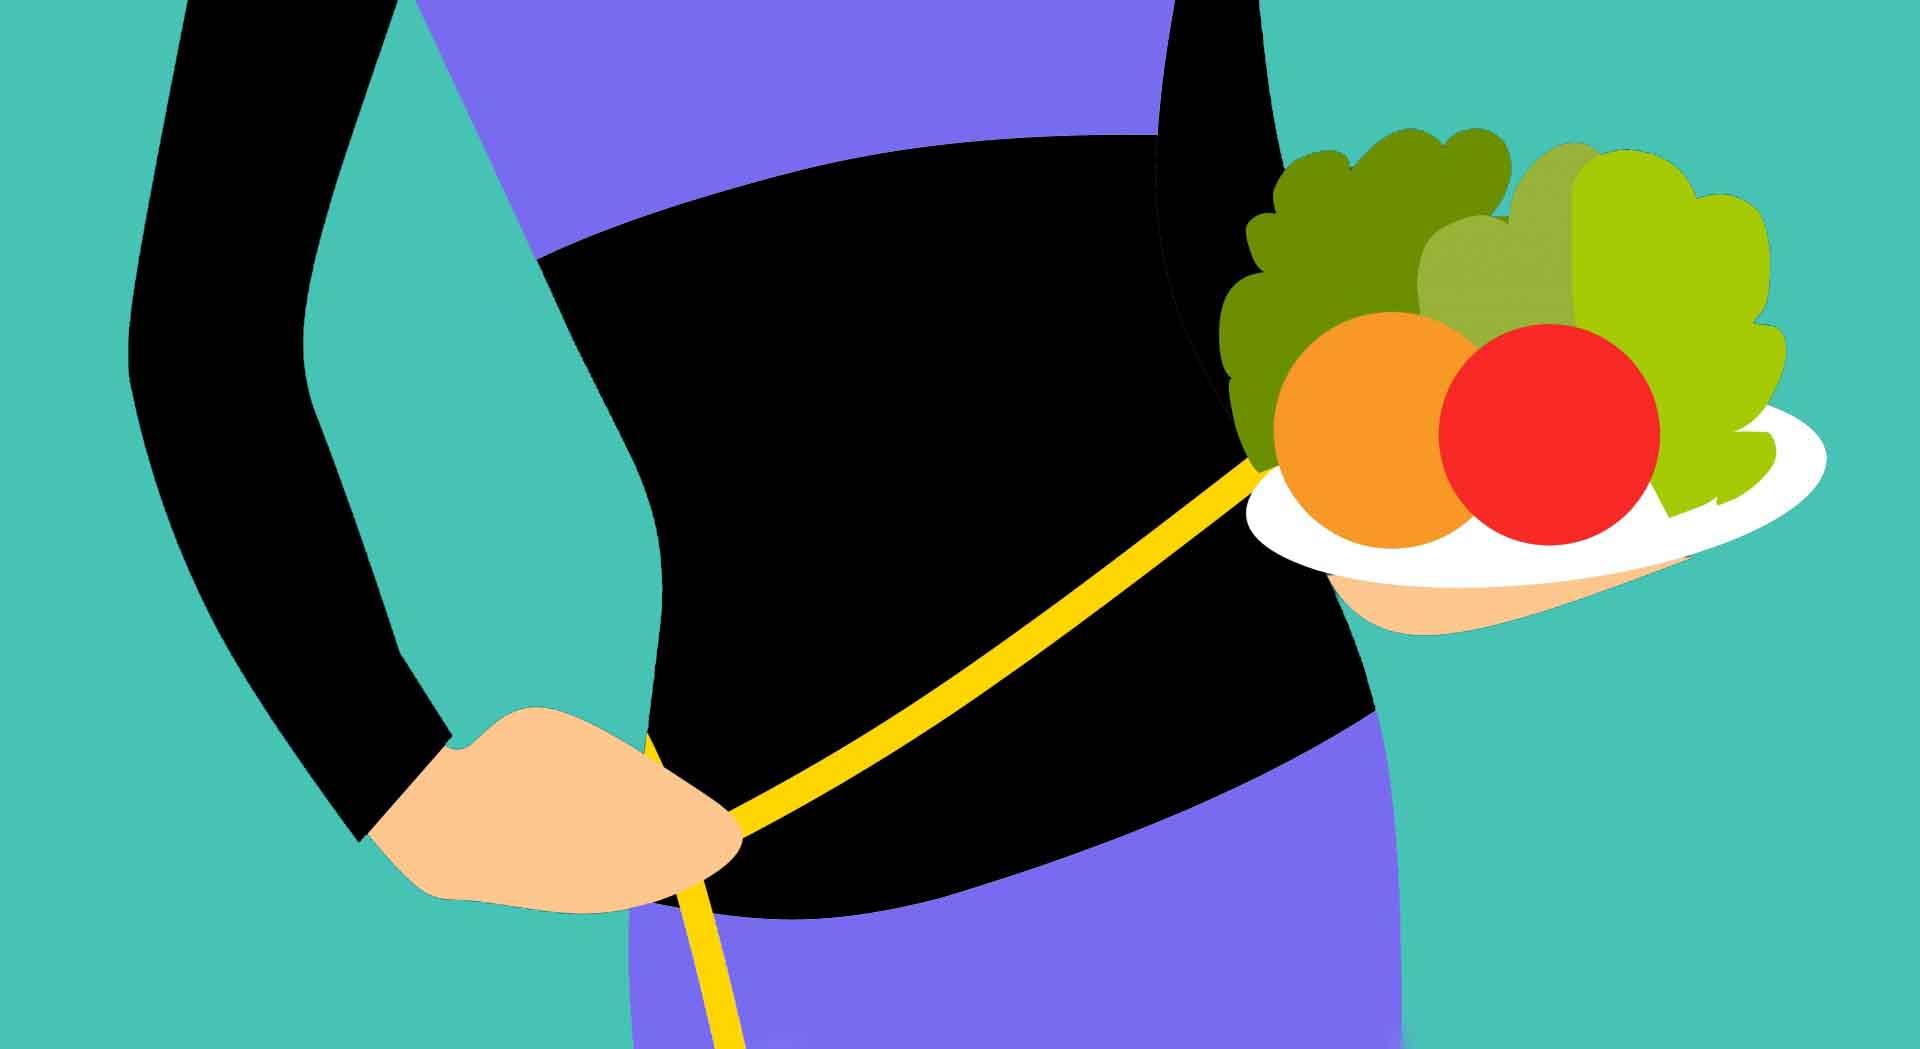 Fraude engaños y mentiras franceses sobre comidas bajas en calorías expuesto